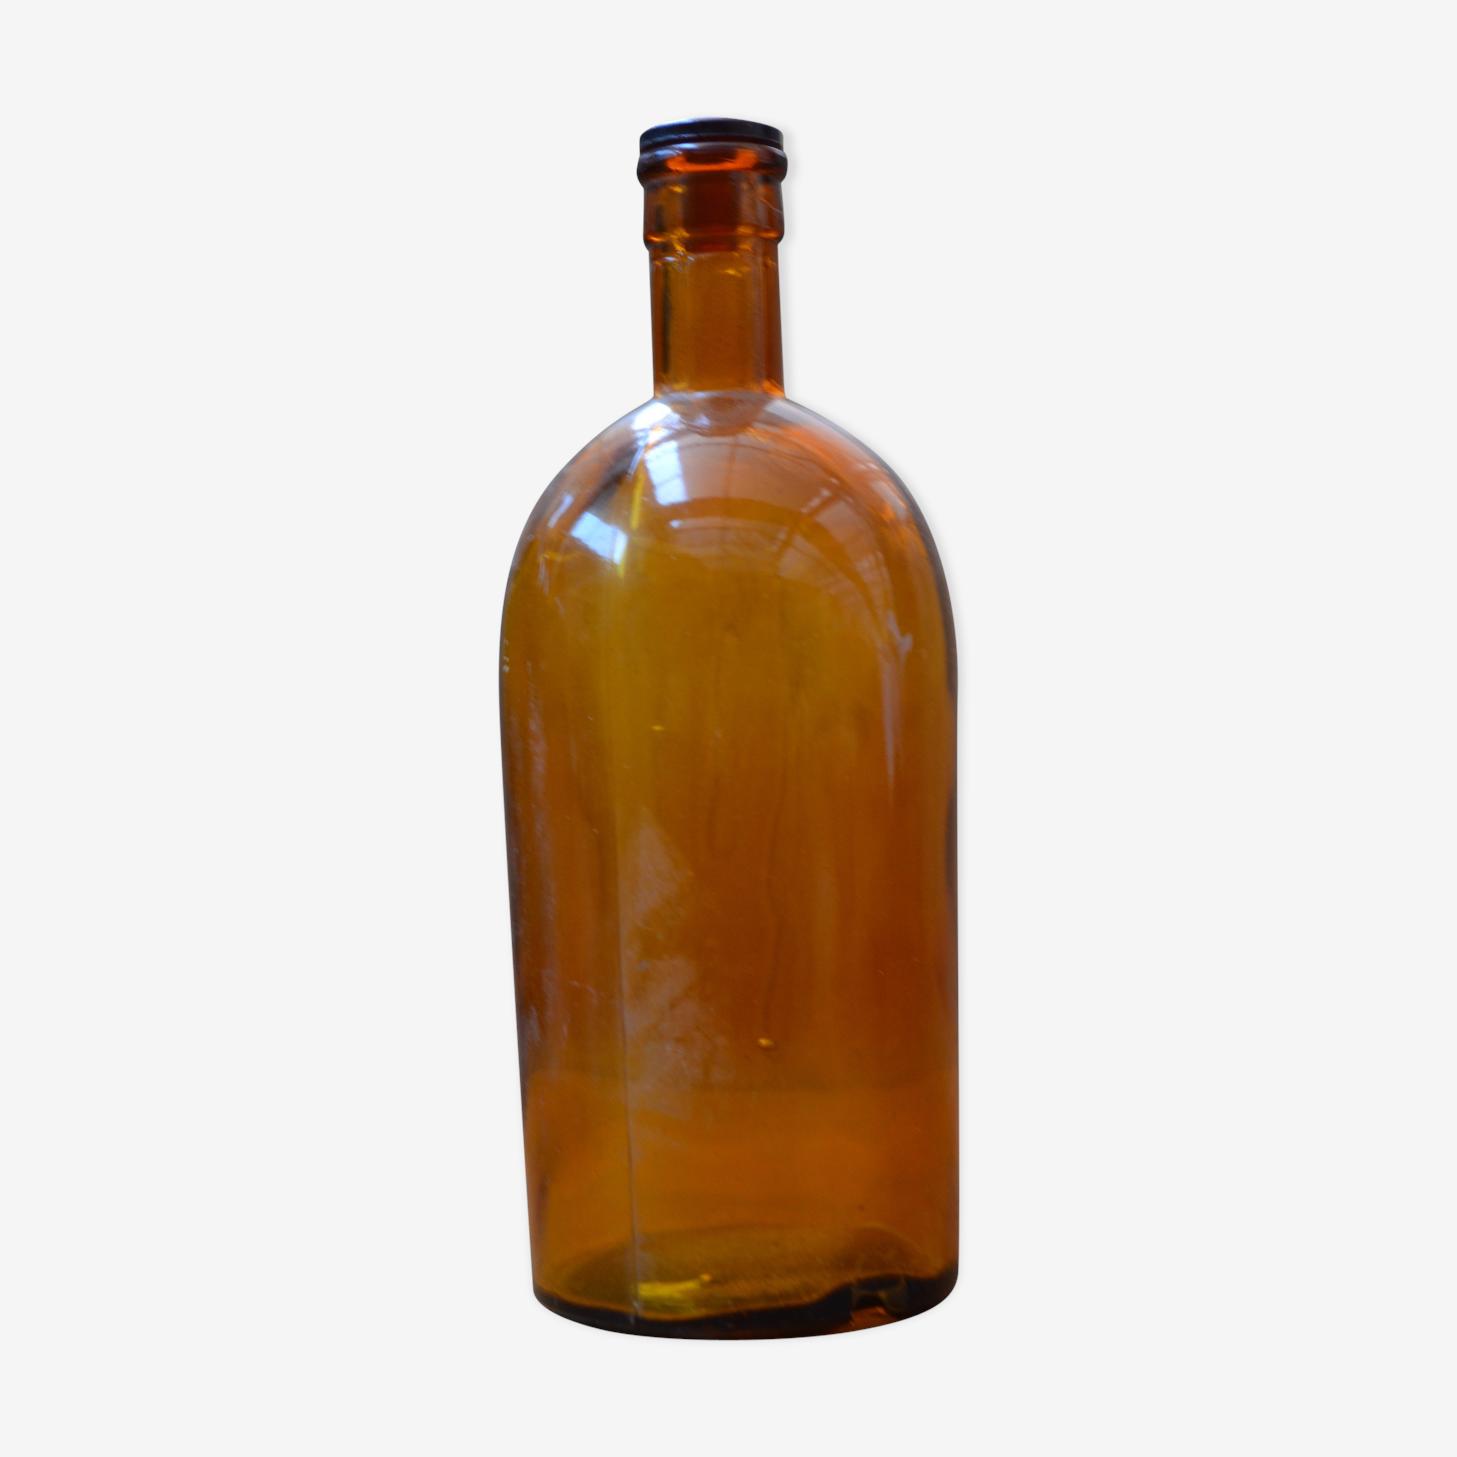 Pot apothicaire avec bouchon en verre